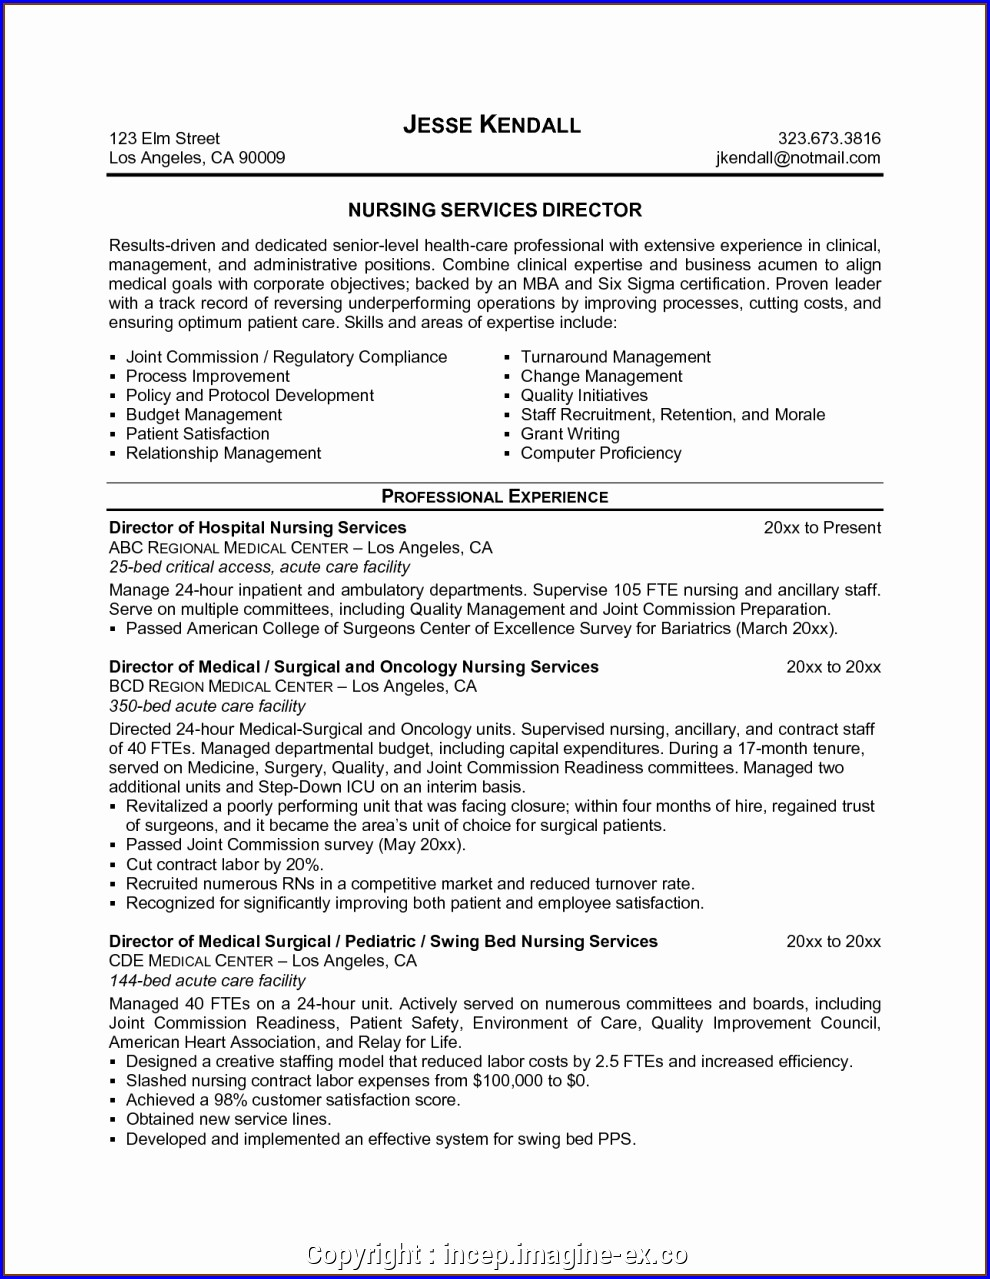 Resume Objective For Registered Nurse Position